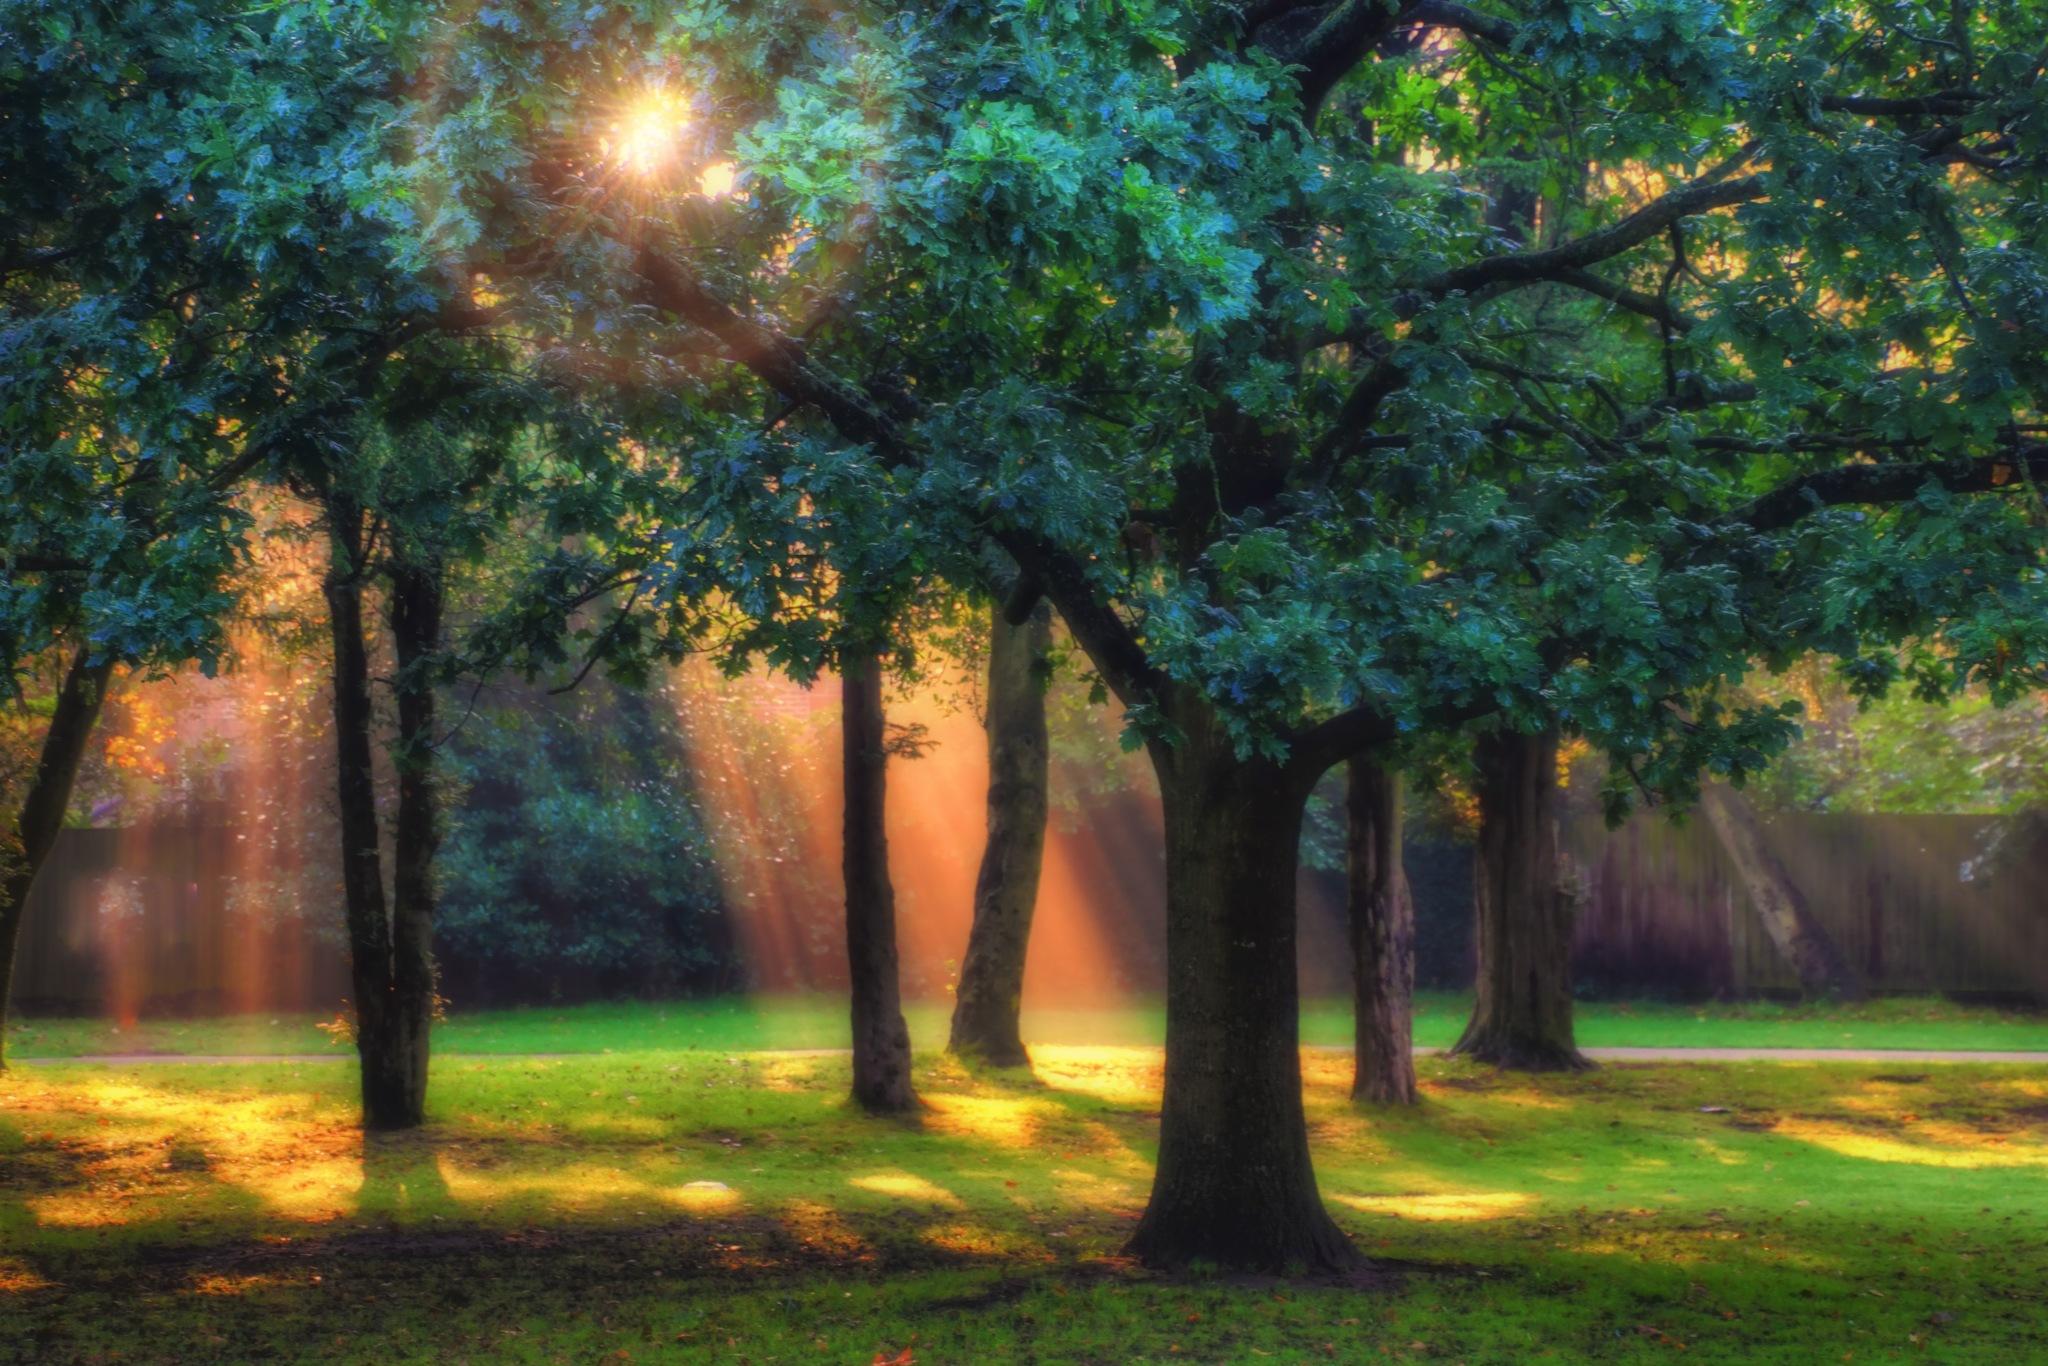 SUNBEAMS by Derek Tomkins